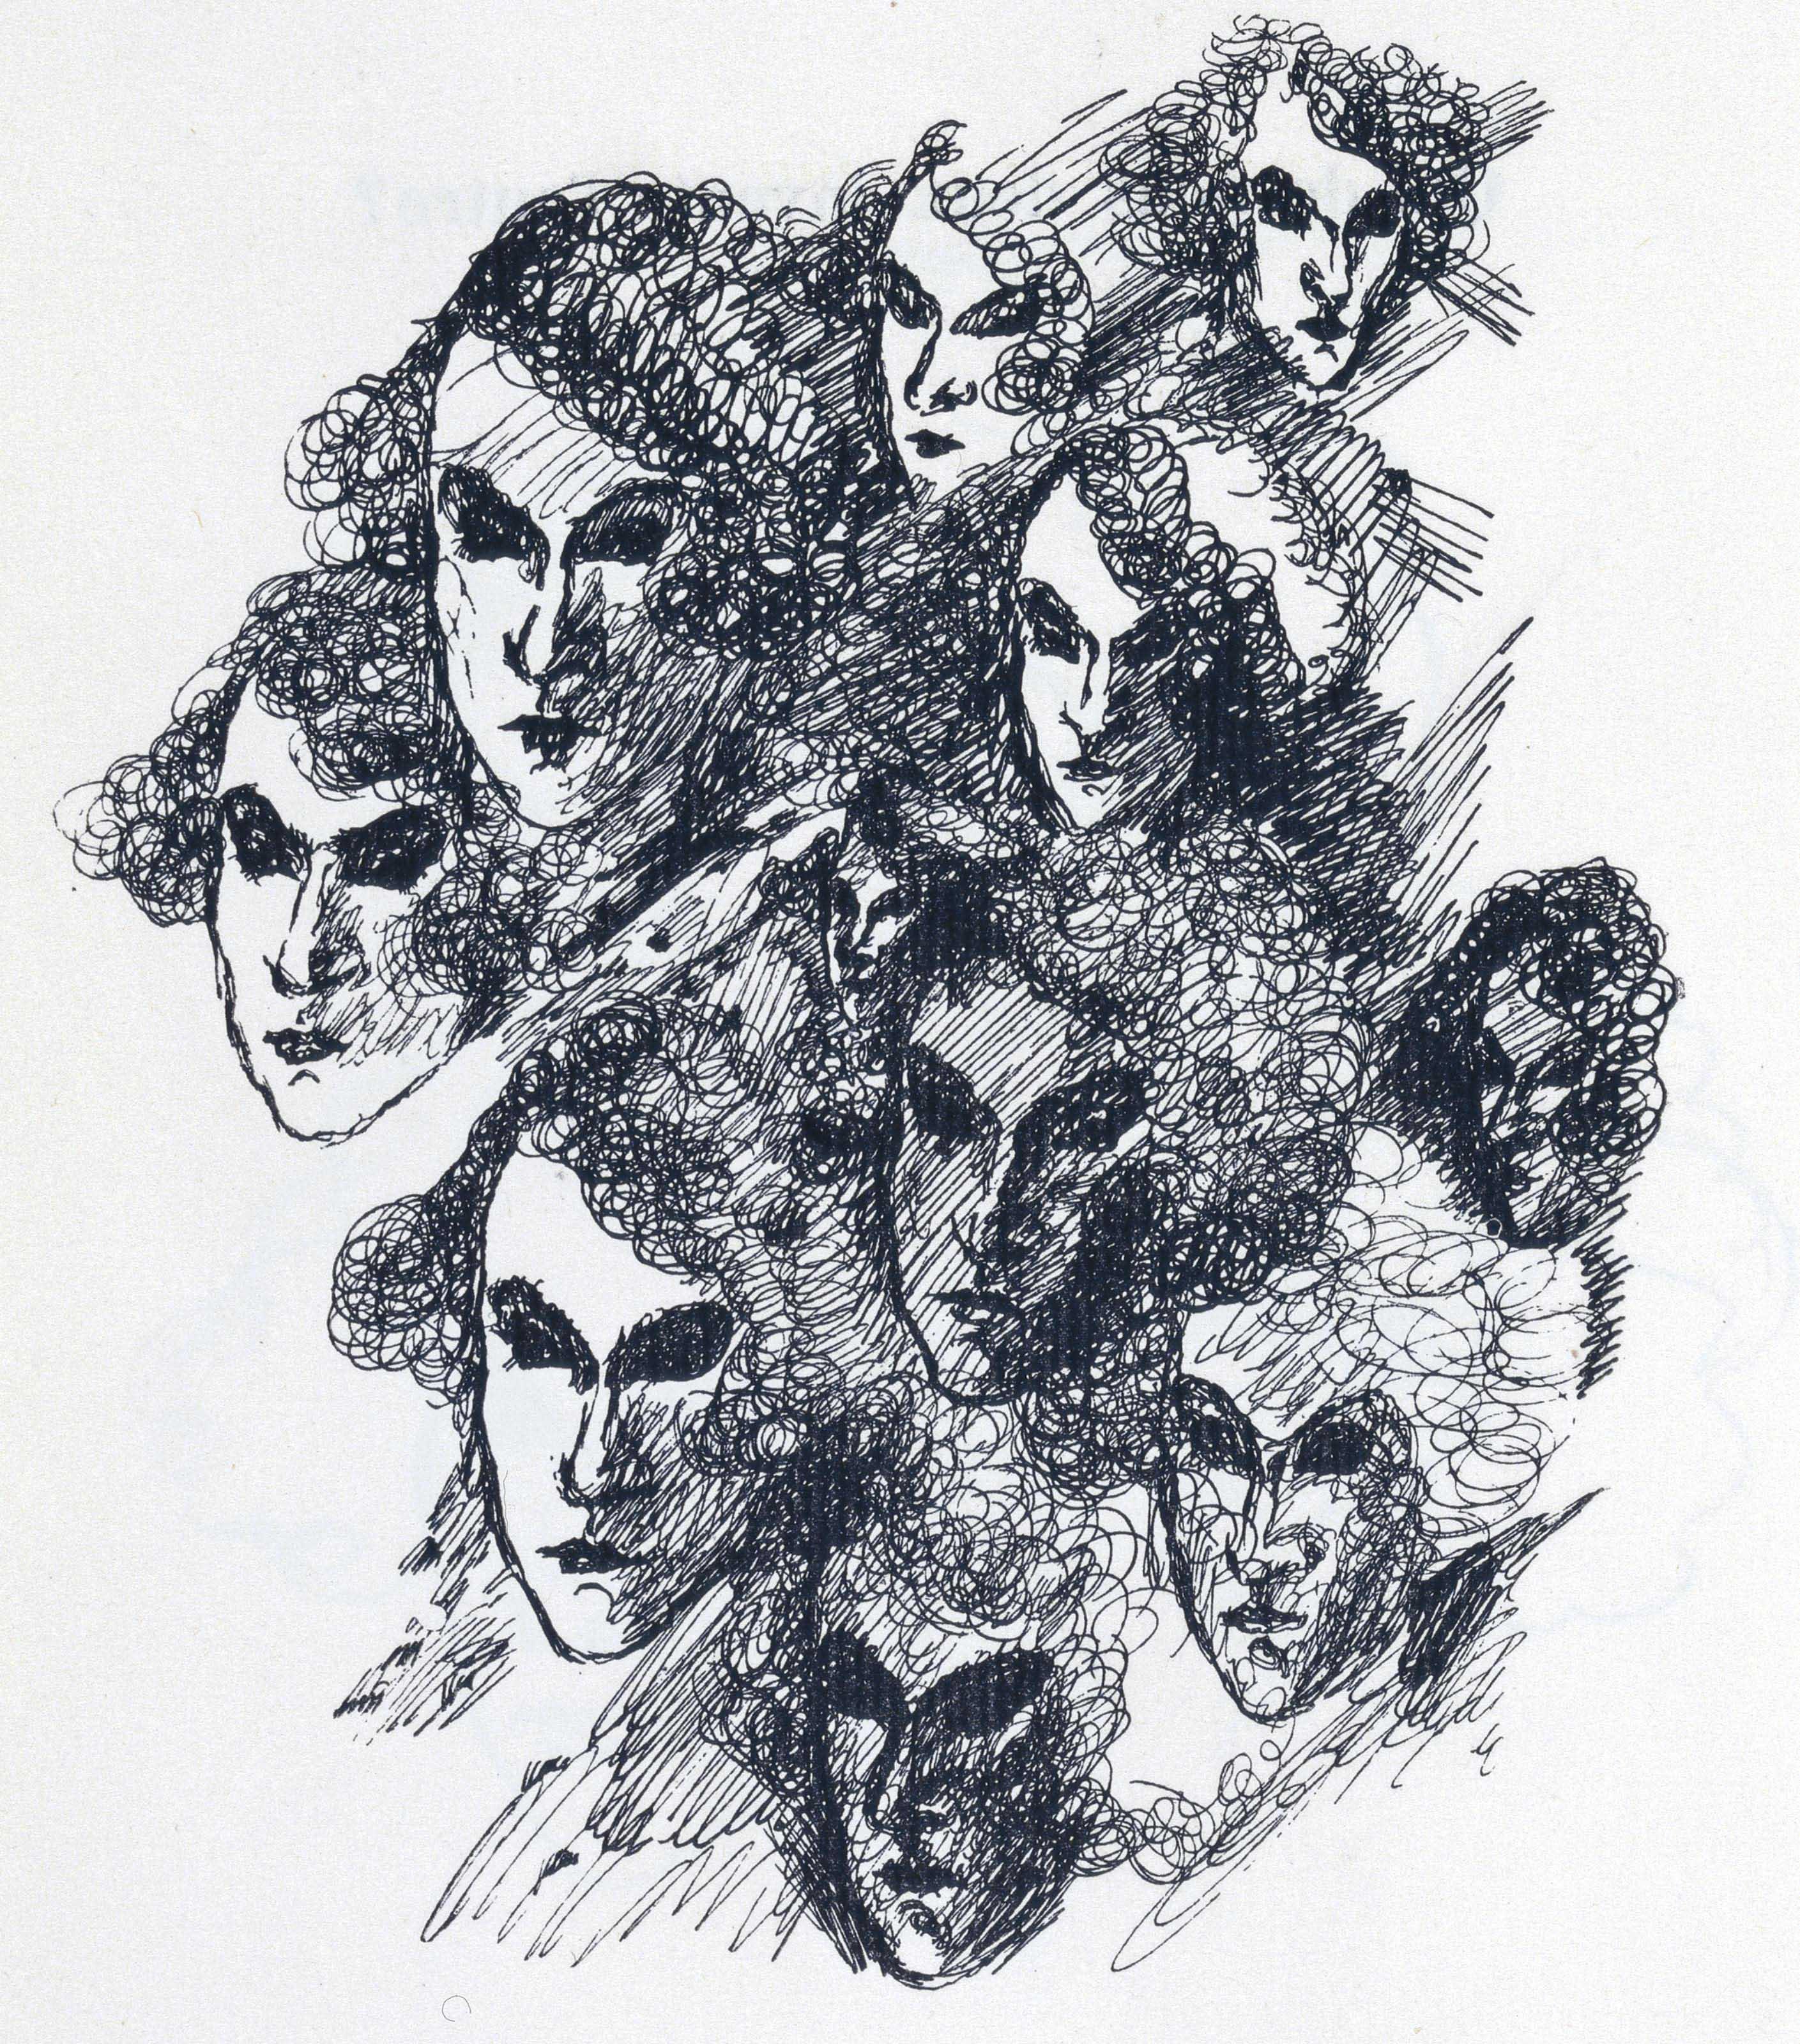 [ERNST] – [Paul ÉLUARD (1895-1952)]. Au défaut du silence. S. l. [Paris]: s. d. [1925]. In-4 (285 x 228 mm). 20 reproductions à pleine page de dessins de Max Ernst. Reliure signée A. Lobstein, bradel plein parchemin à dos muet, couverture et dos conservés. Sur le premier plat, un DESSIN ORIGINAL DE MAX ERNST SIGNÉ représentant Paul Éluard et Gala en 1926 (74 x 122 mm) au crayon, exécuté sur la partie intérieure d'un paquet de cigarettes déplié. Il est bordé d'un listel de veau brun et protégé sous film plastique. Tête dorée, étui.